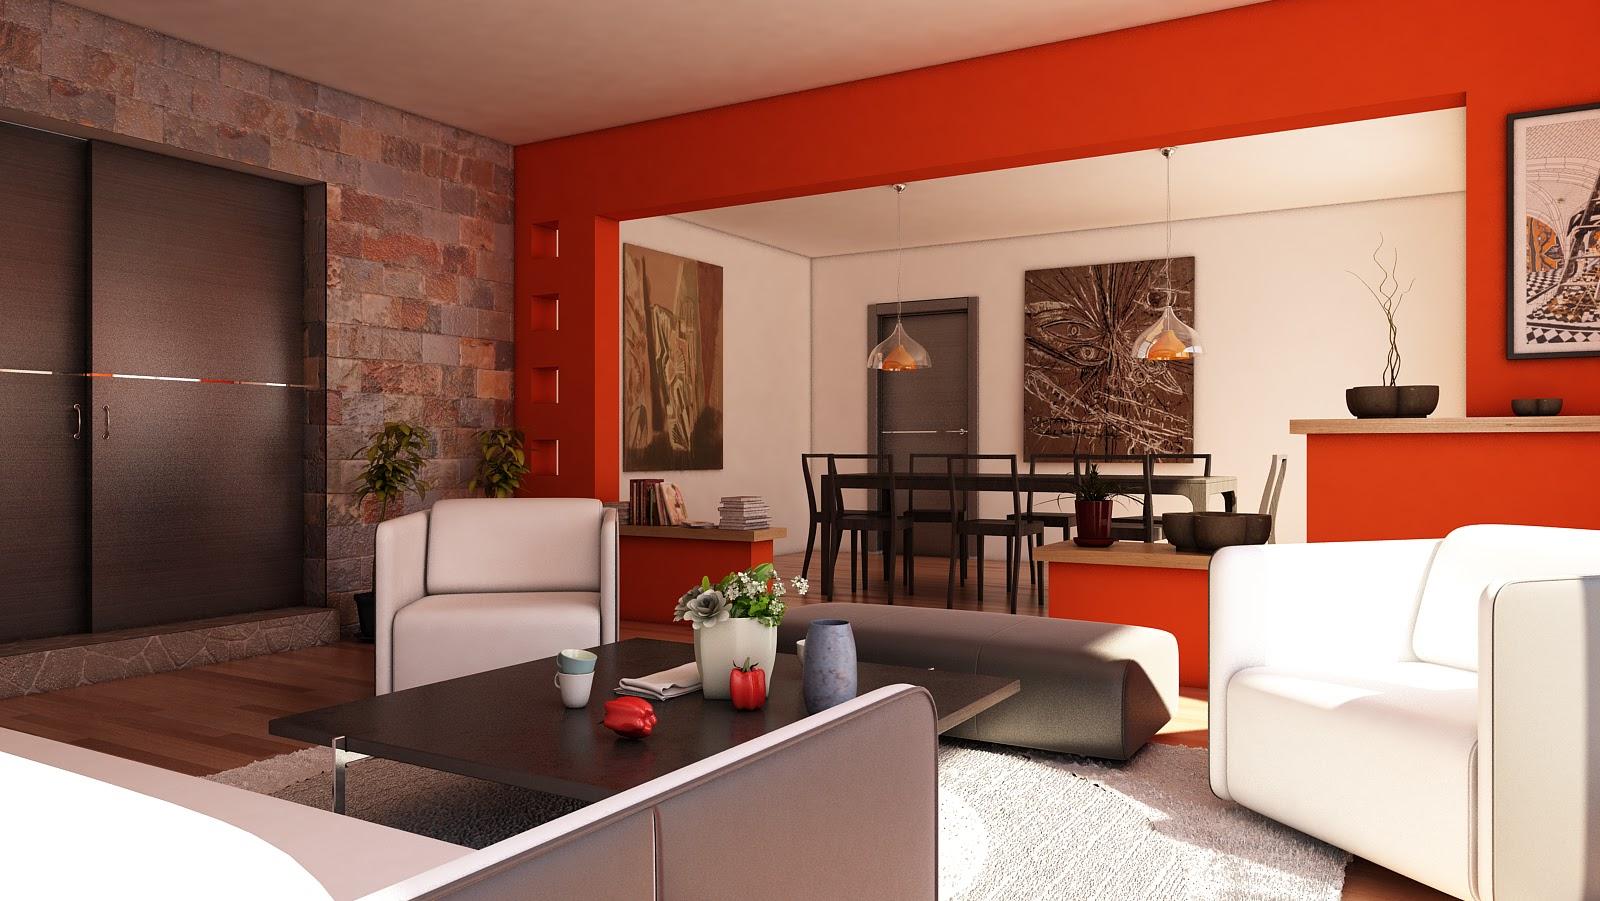 sala de estar y comedor decoracion